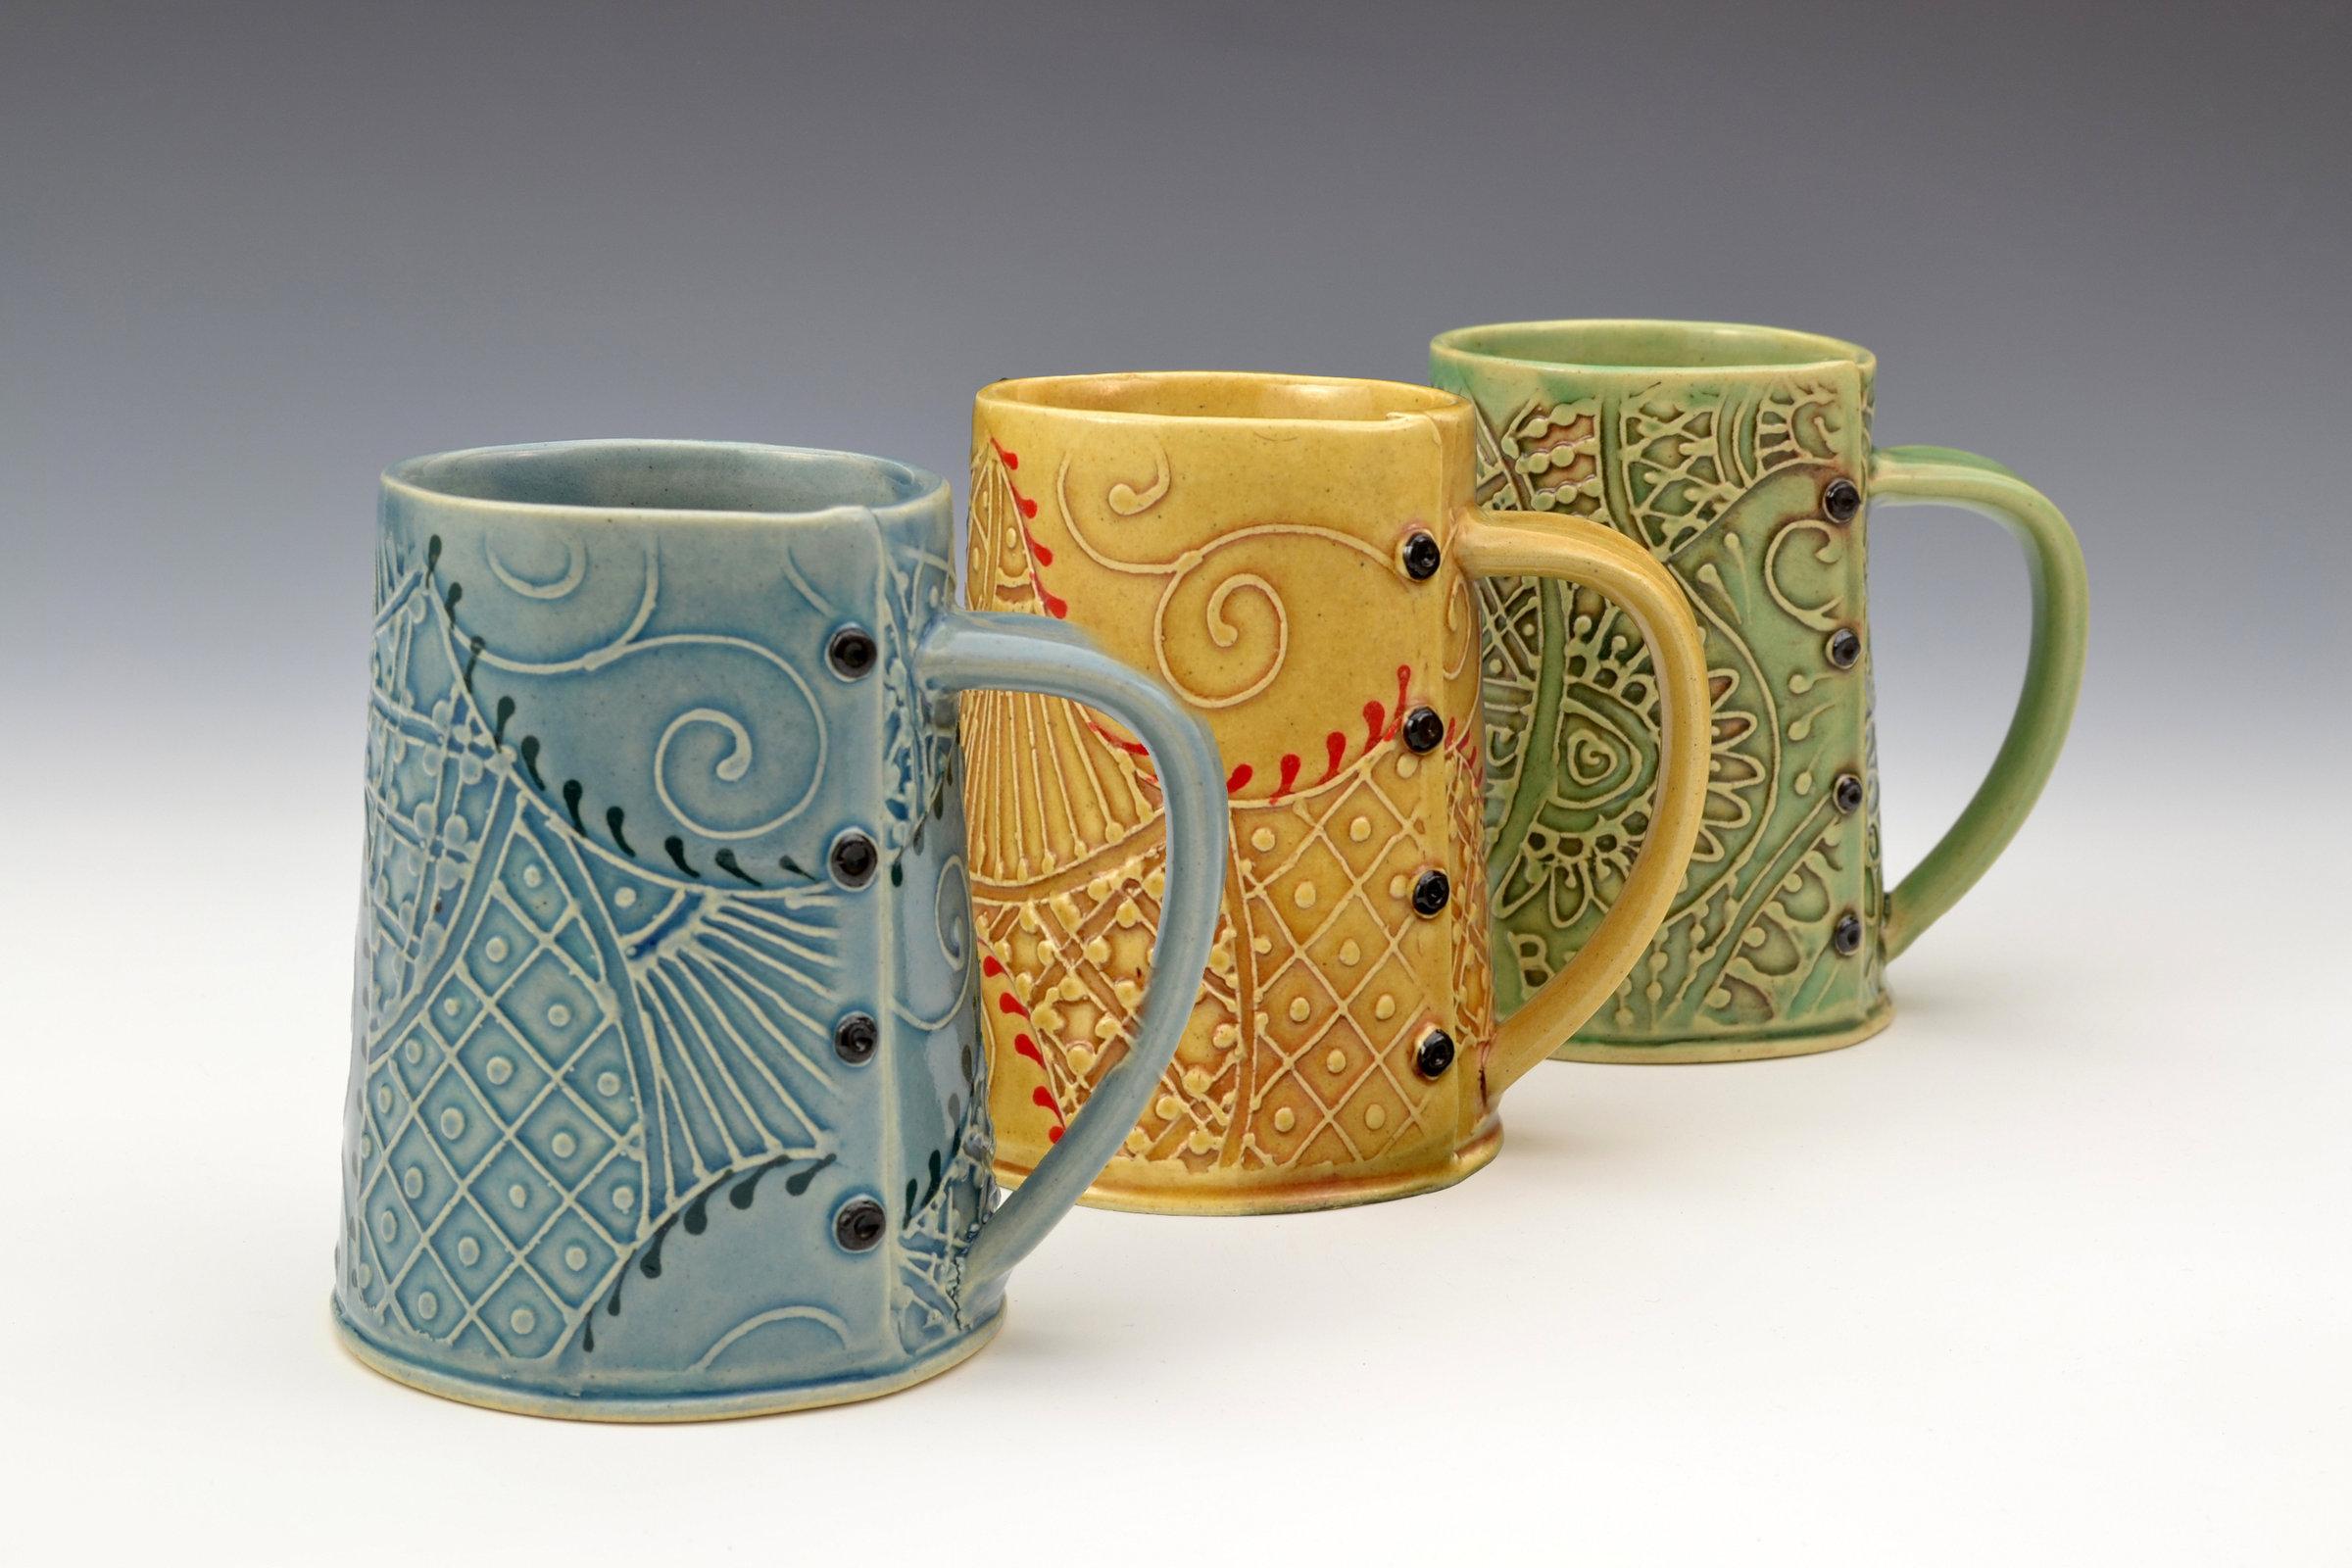 Http Www Artfulhome Com Product Ceramic Mug Coffee And Tea Mug 79207